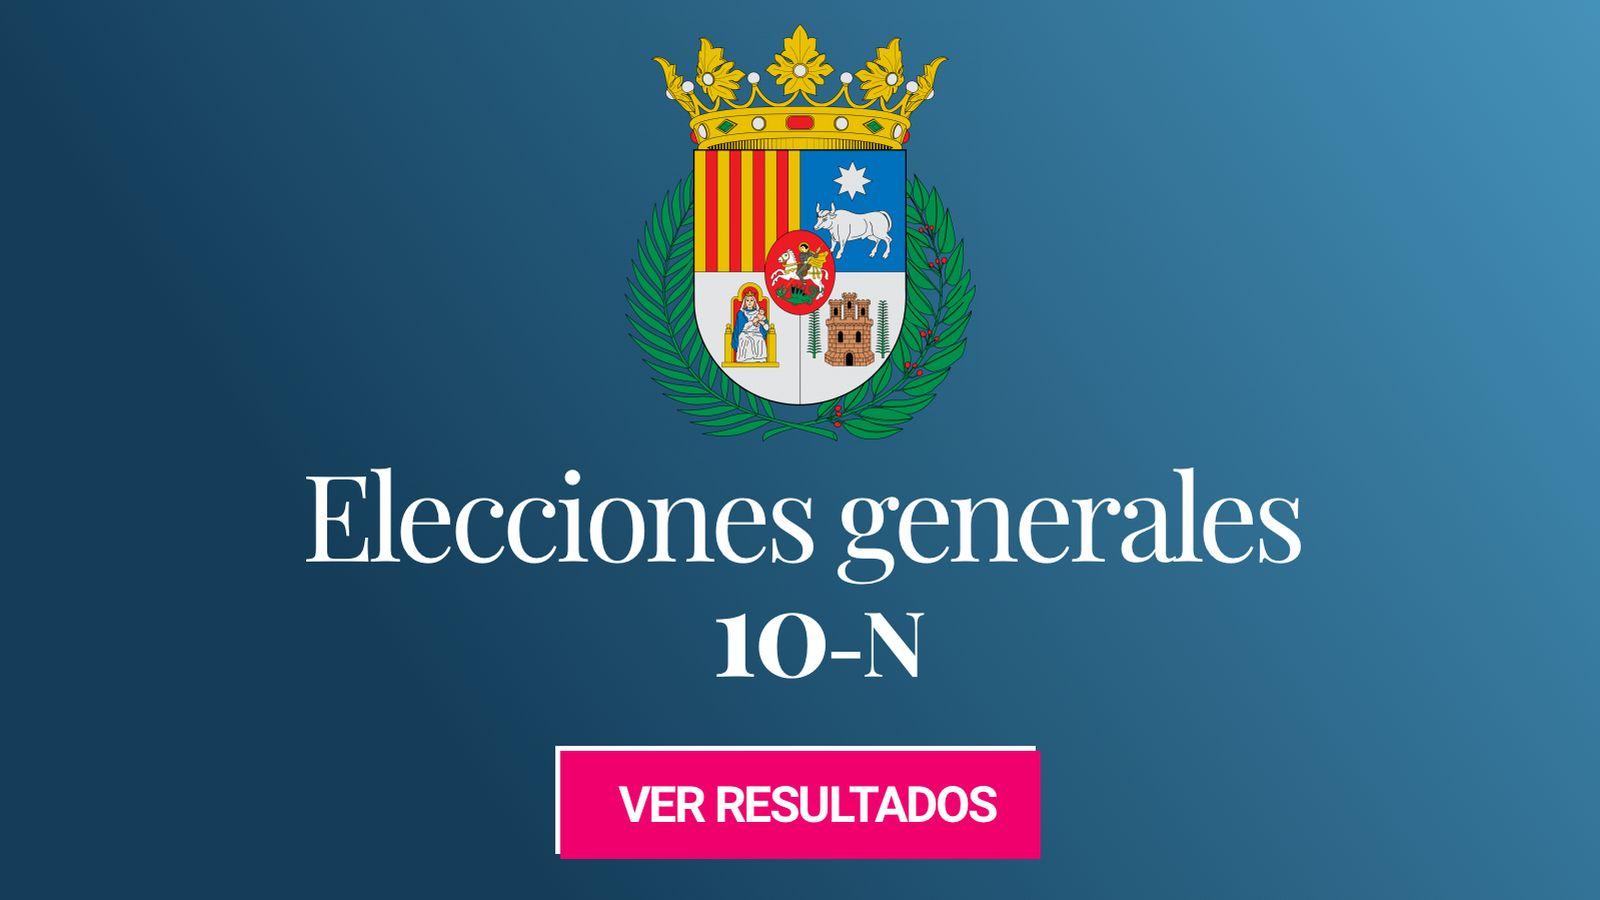 Foto: Elecciones generales 2019 en la provincia de Teruel. (C.C./HansenBCN)